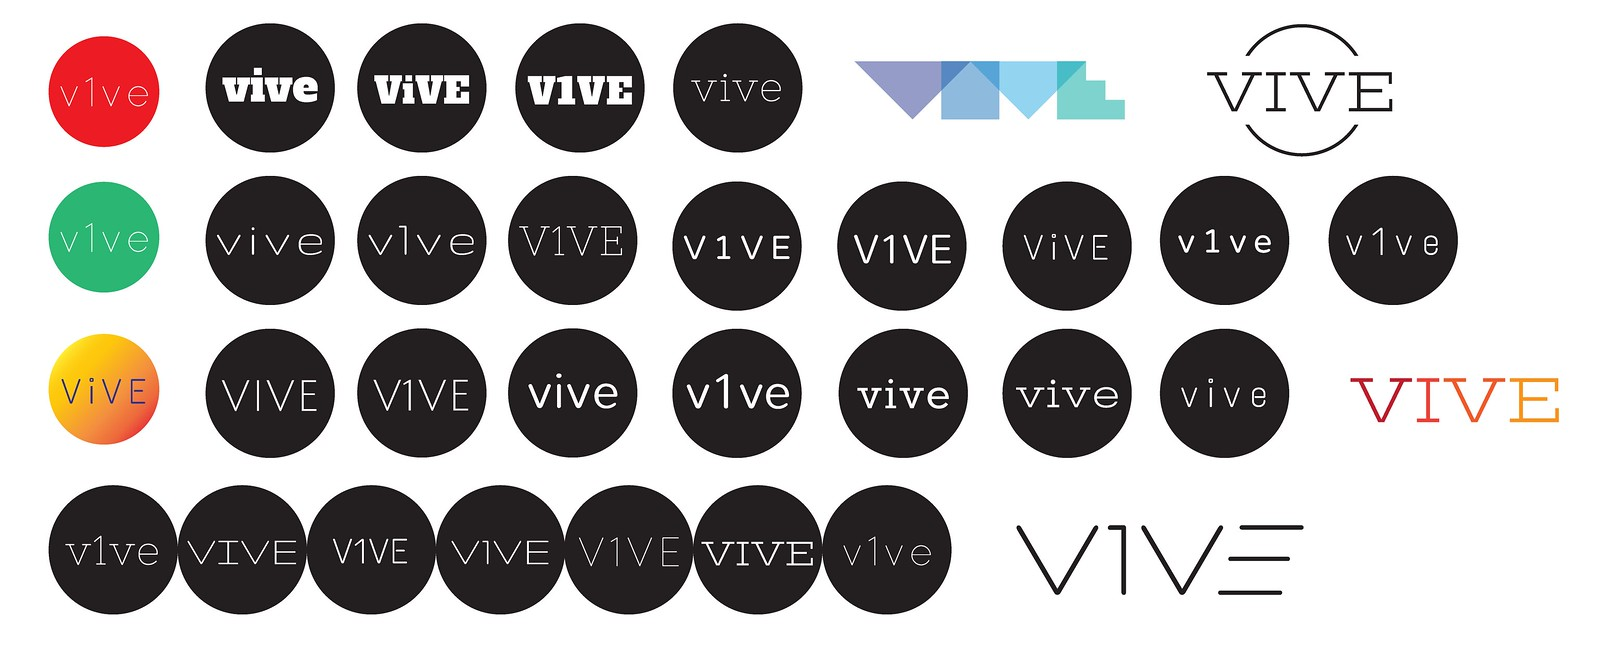 Vive - Typography Study